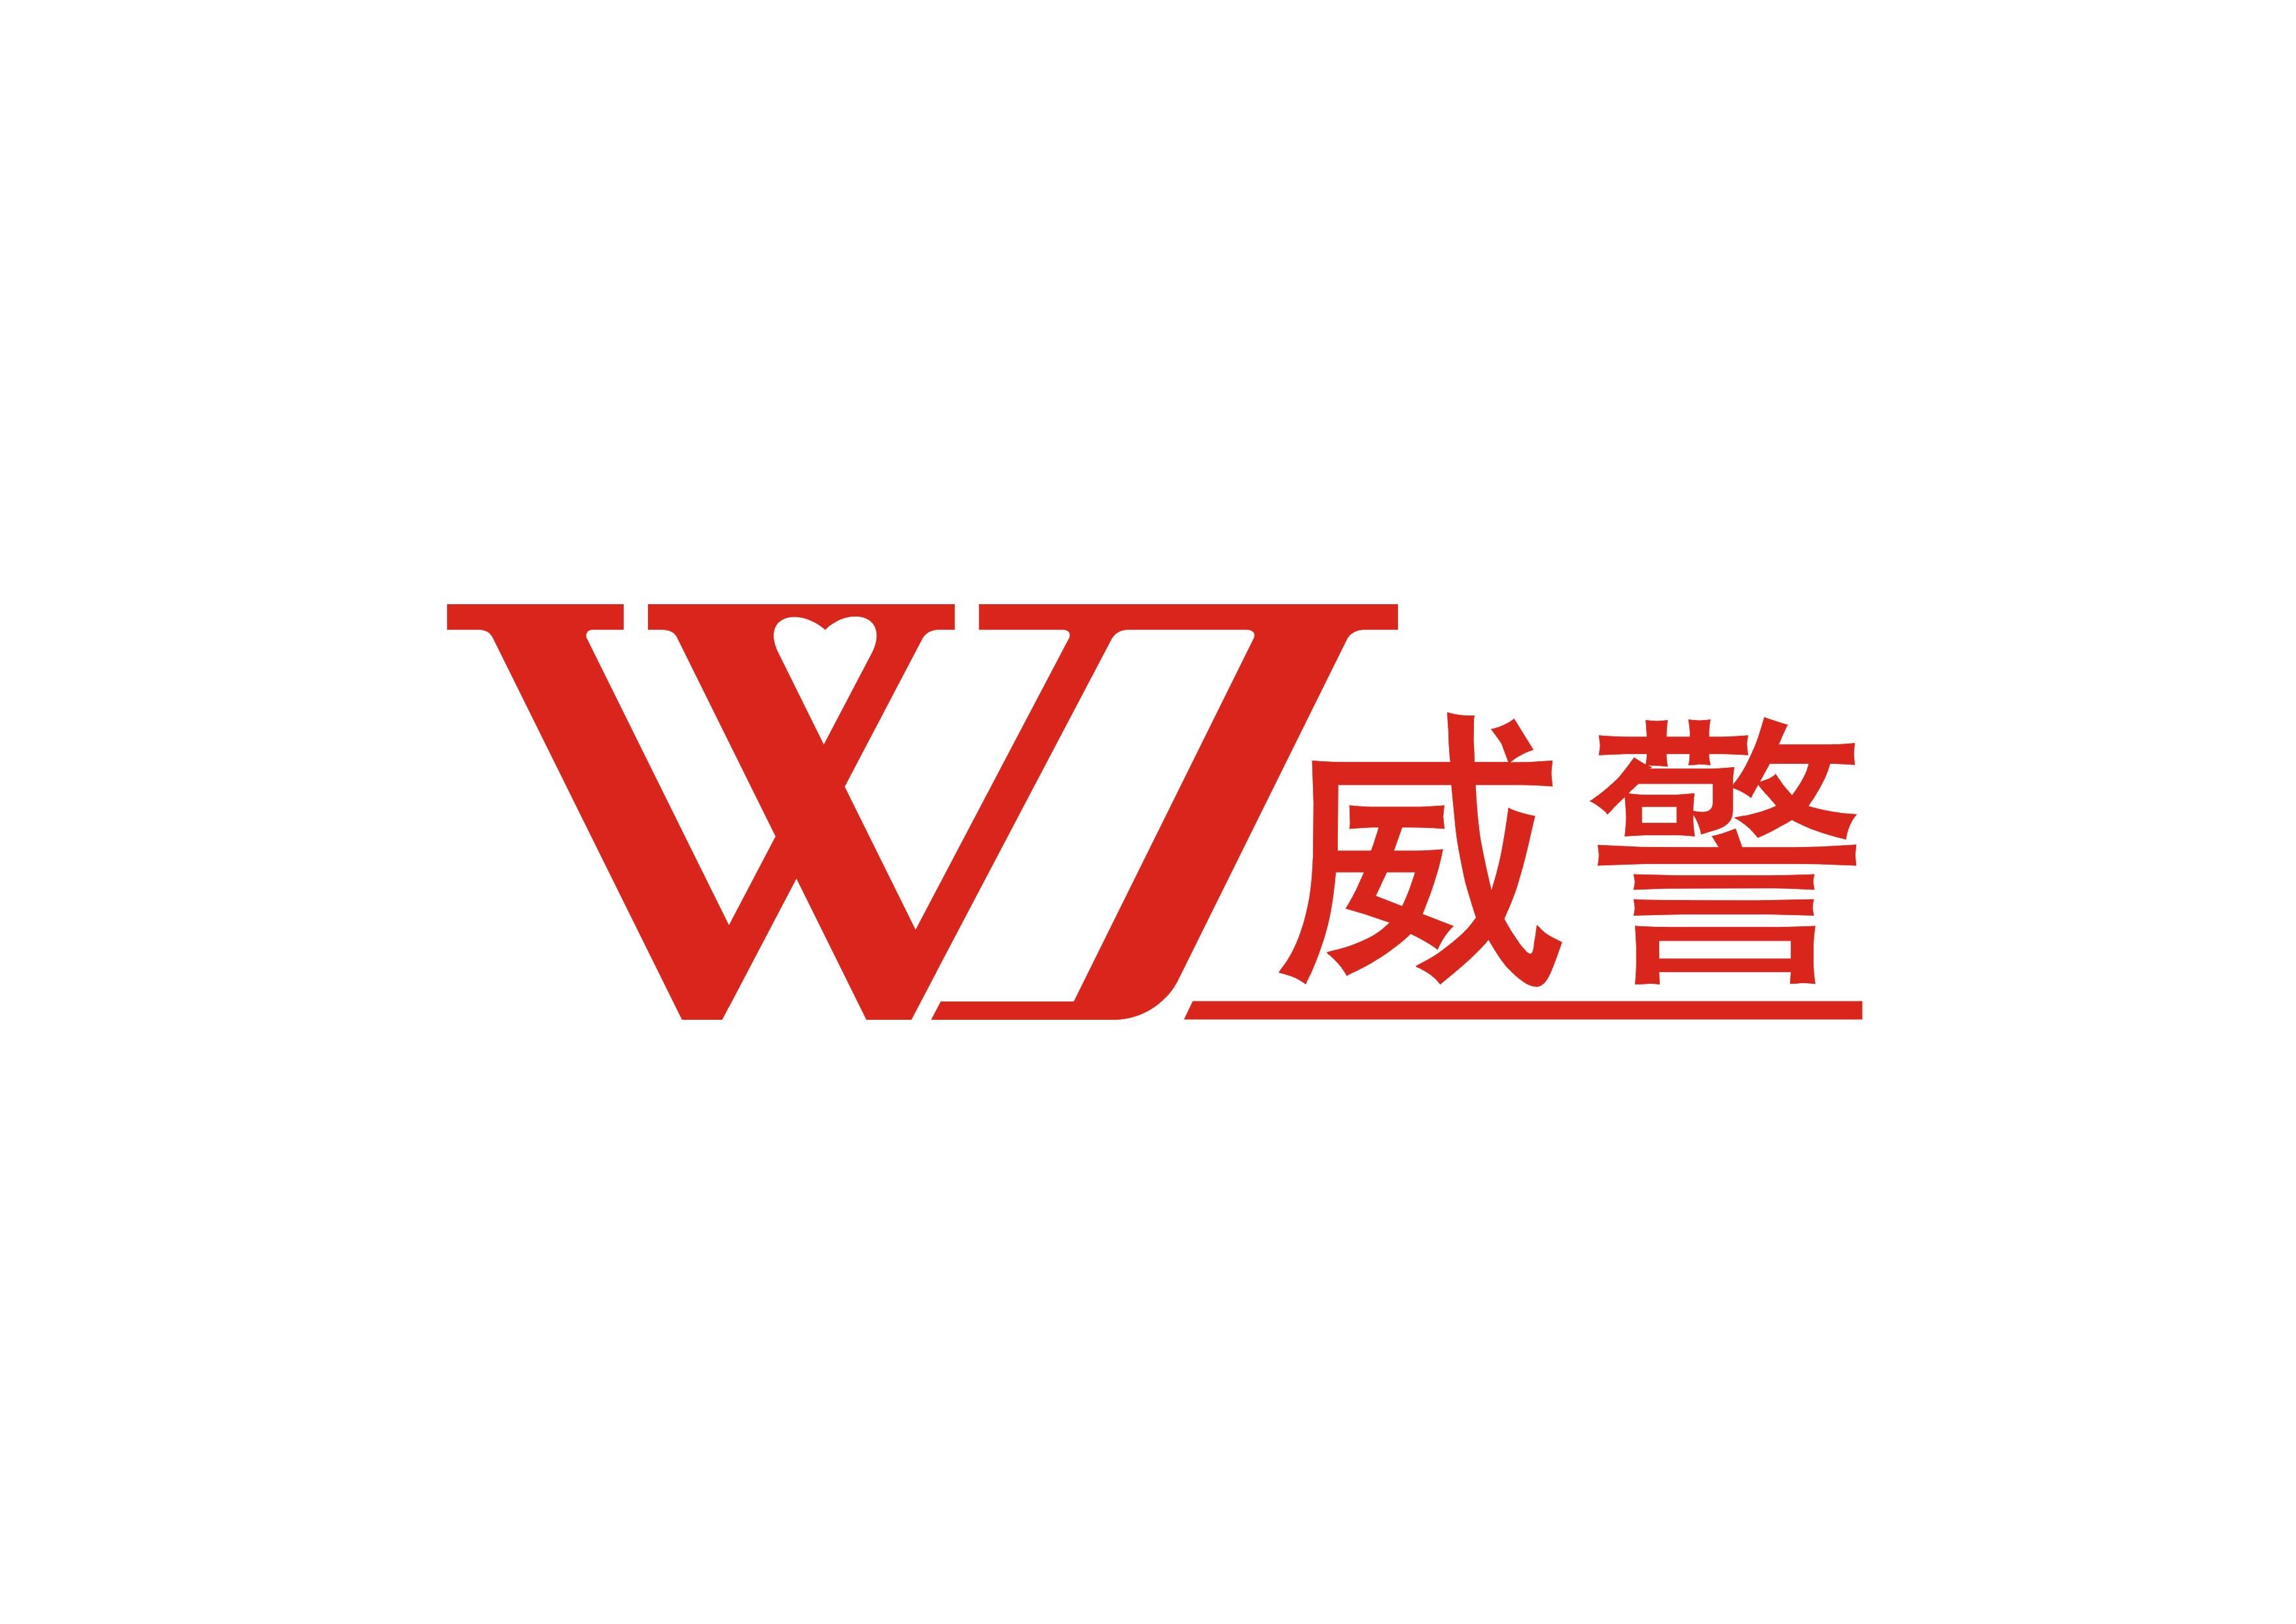 深圳市威警安全技术有限公司